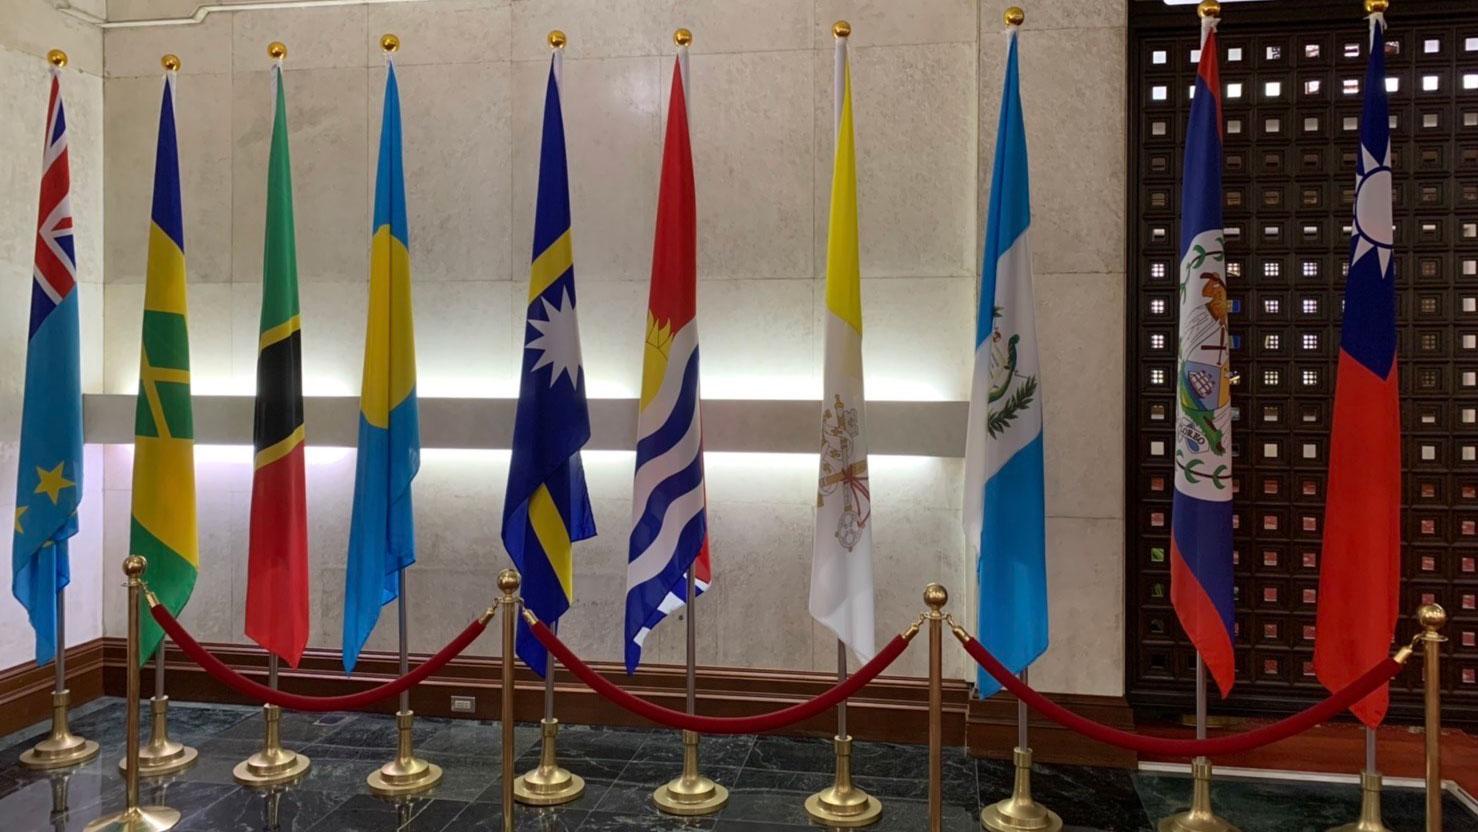 事发突然,外交部宣布和基里巴斯断交记者会后,仍可见基里巴斯国旗(右五、箭头指处)还在大厅未撤。(记者黄春梅摄)